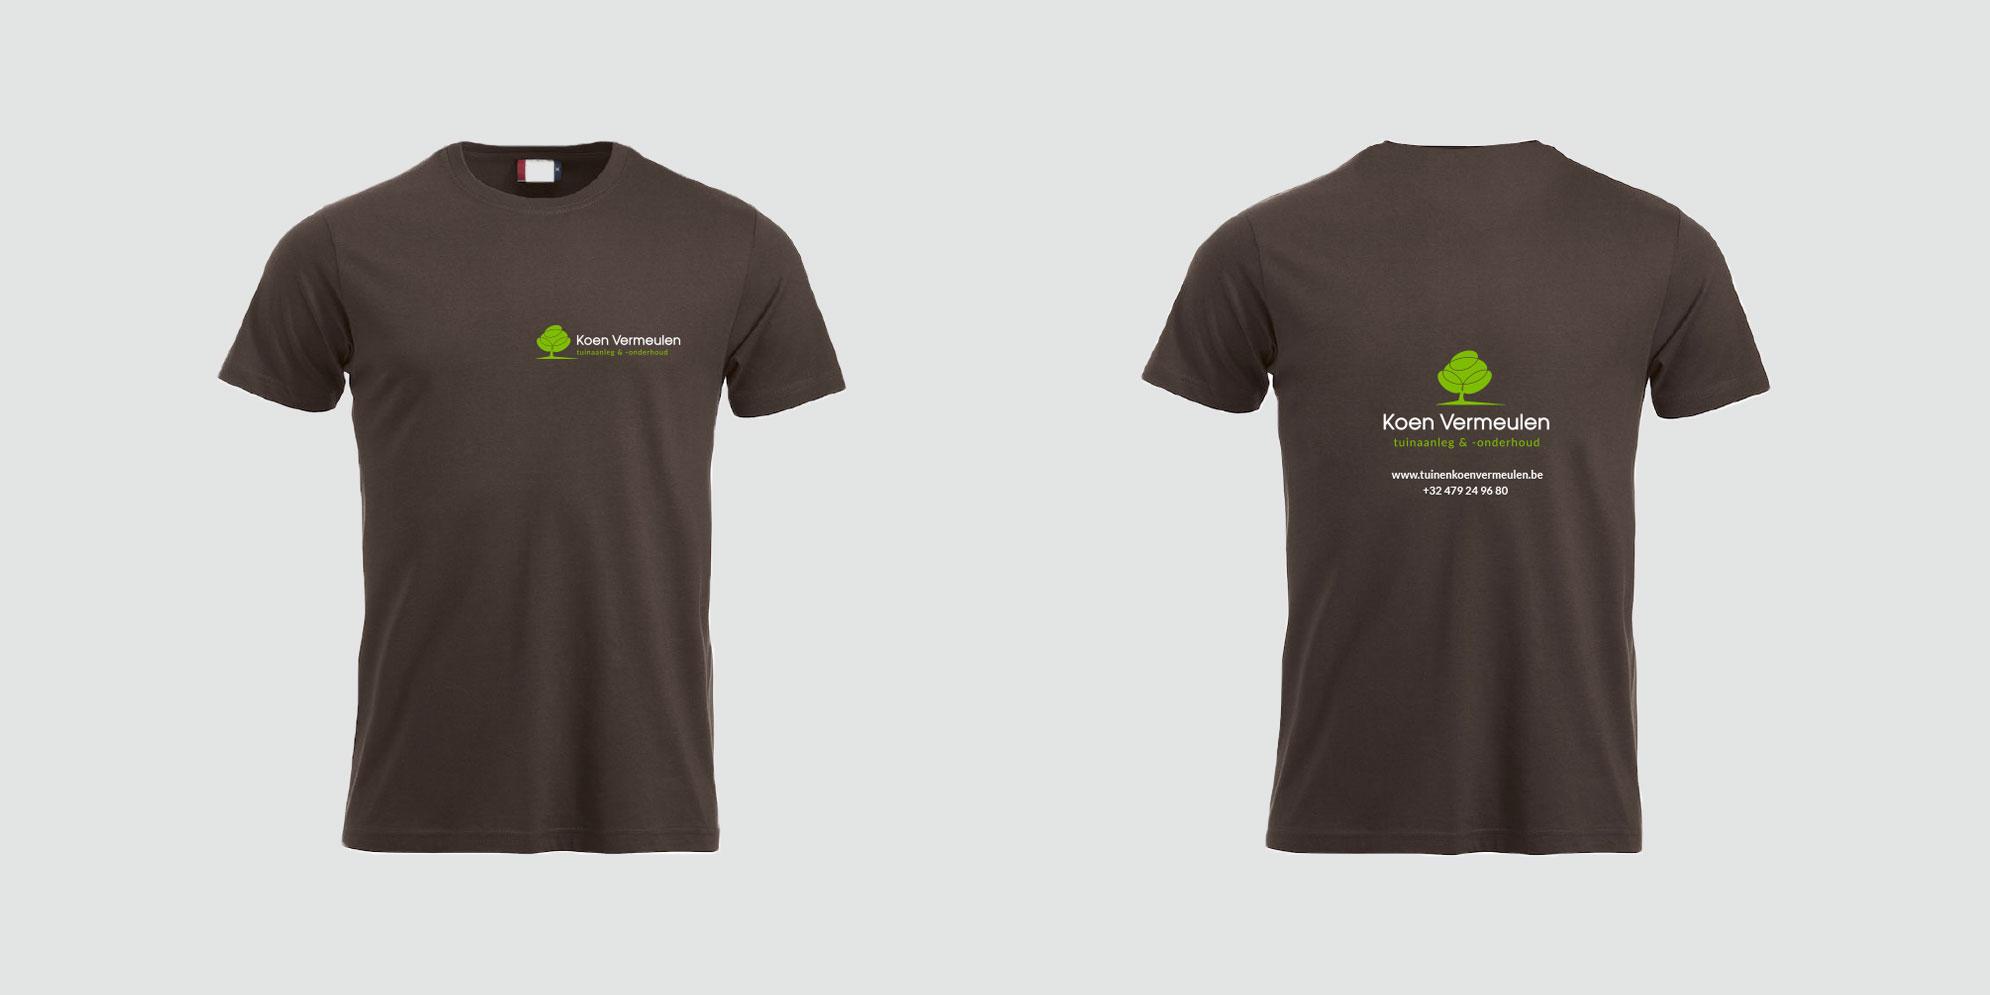 T-shirts voor Koen Vermeulen